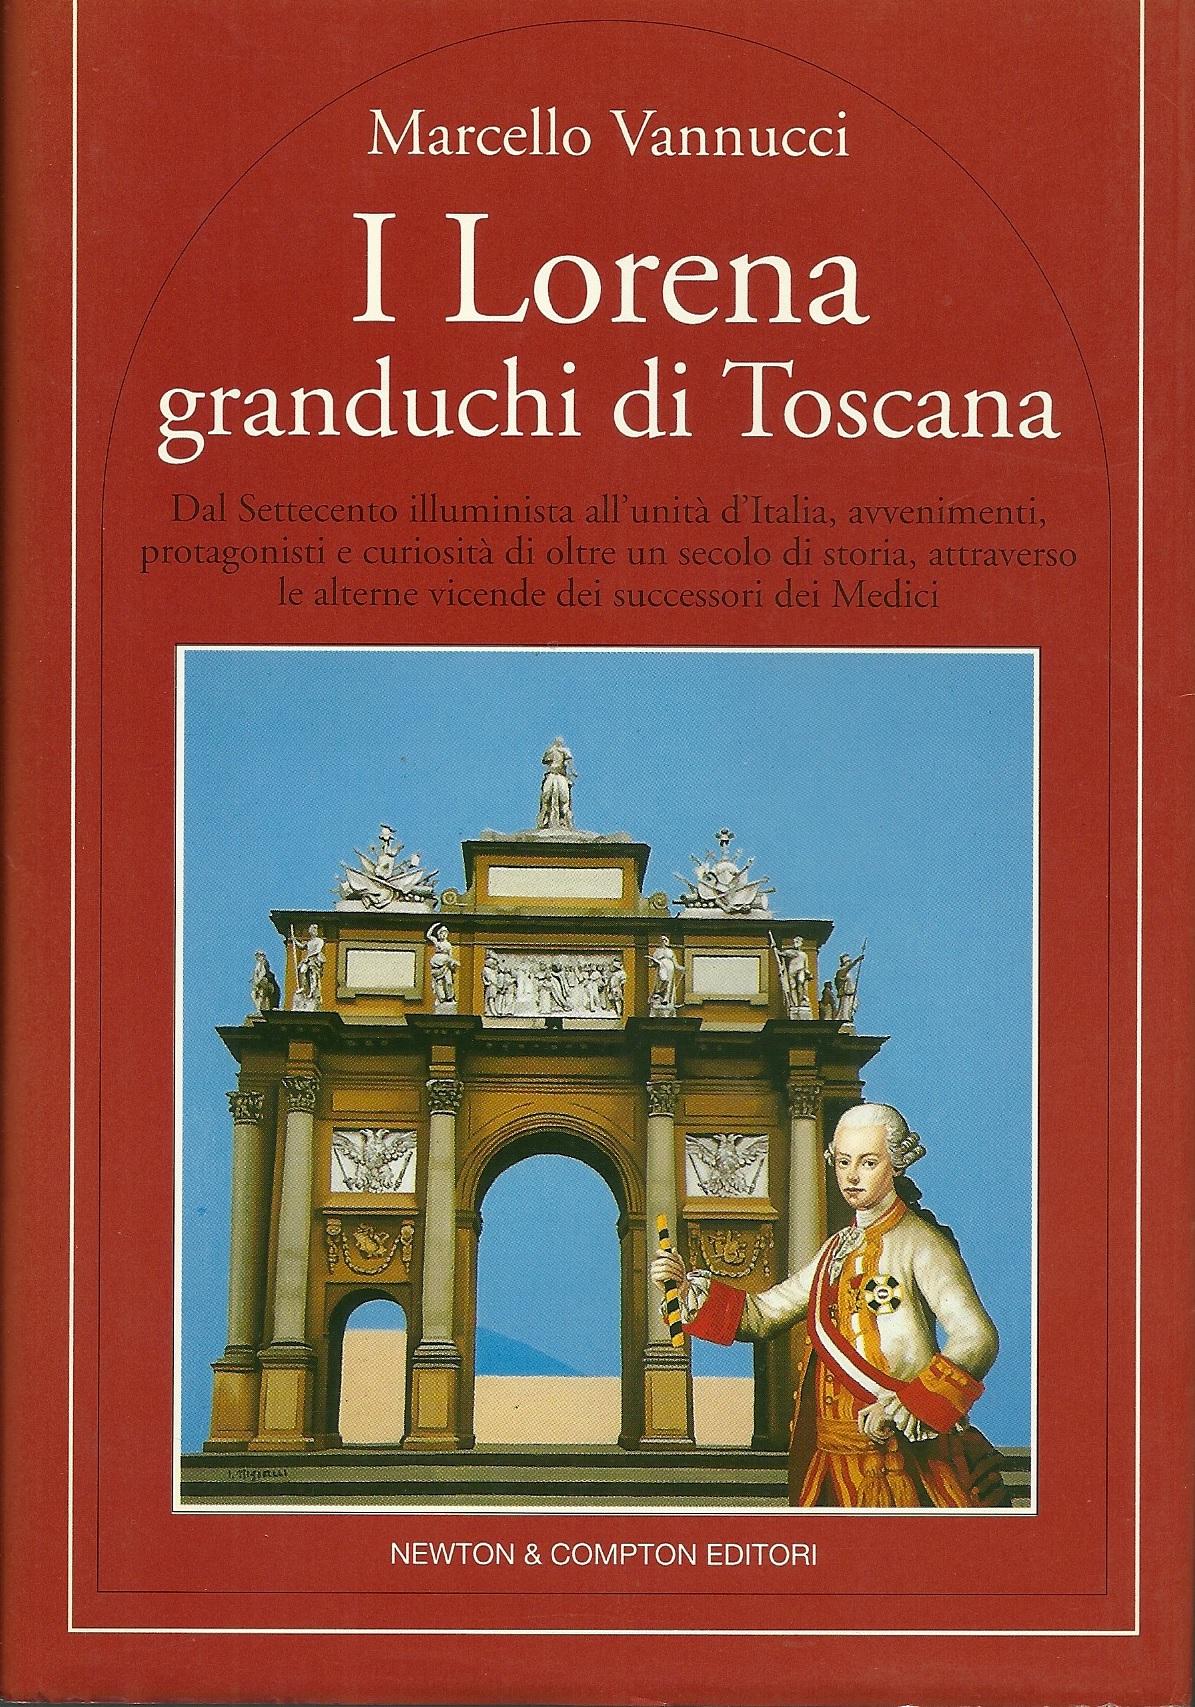 I Lorena granduchi di Toscana